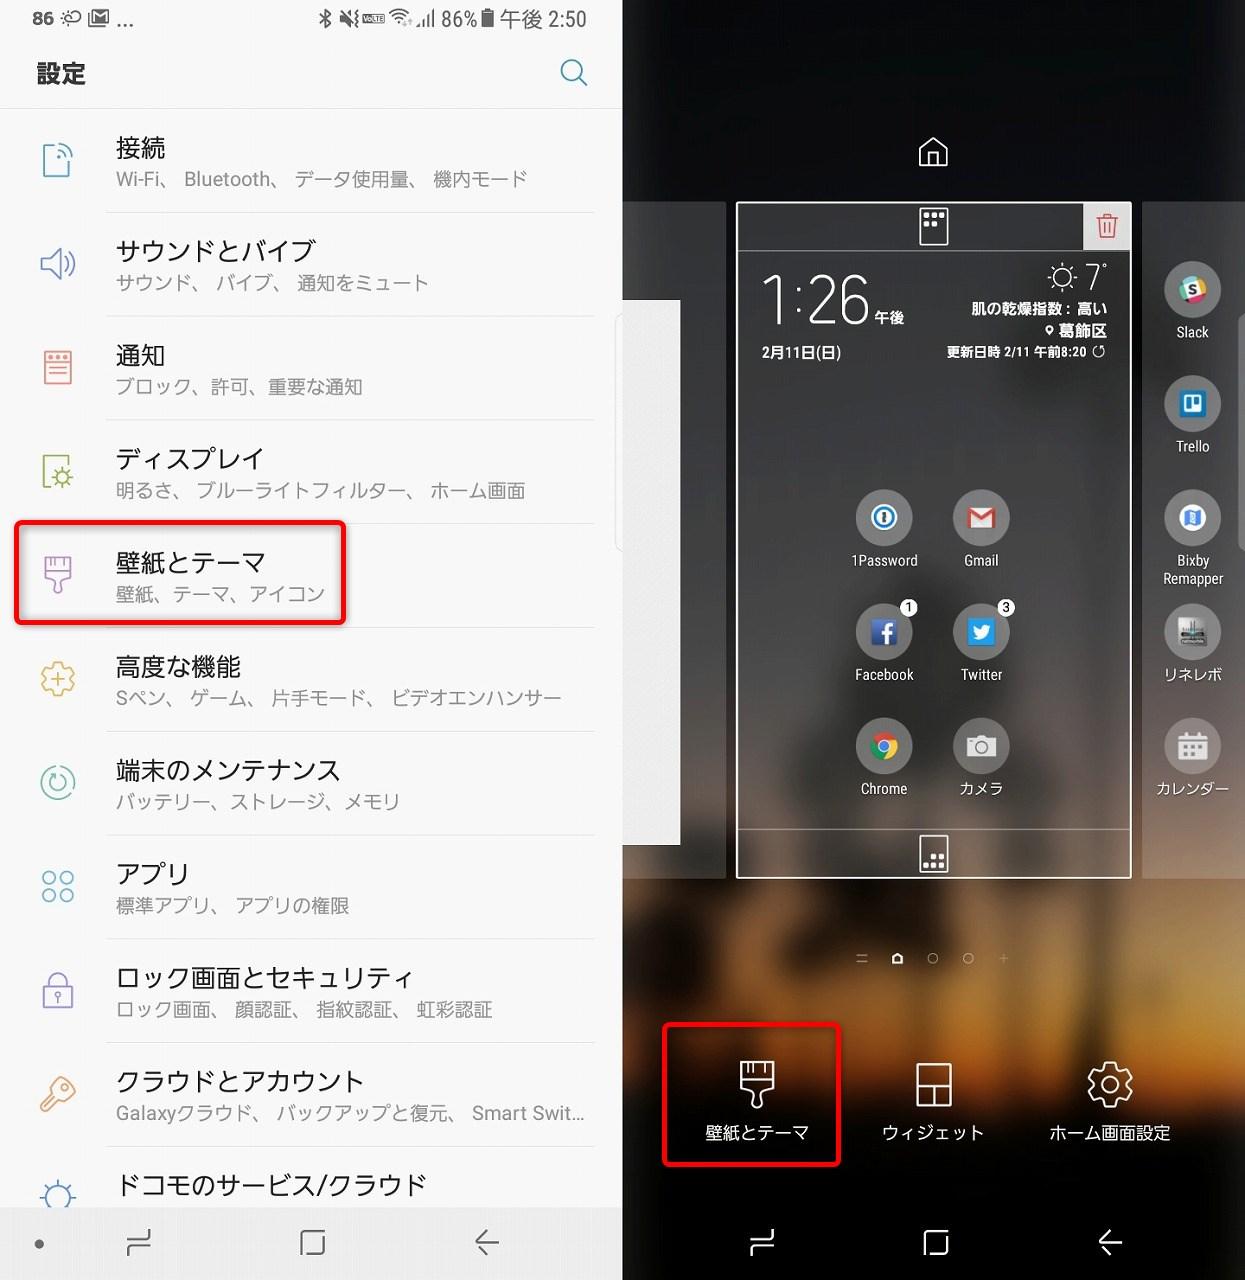 Galaxy Note8を自分好みにカスタマイズ 見た目を大きく変えられる